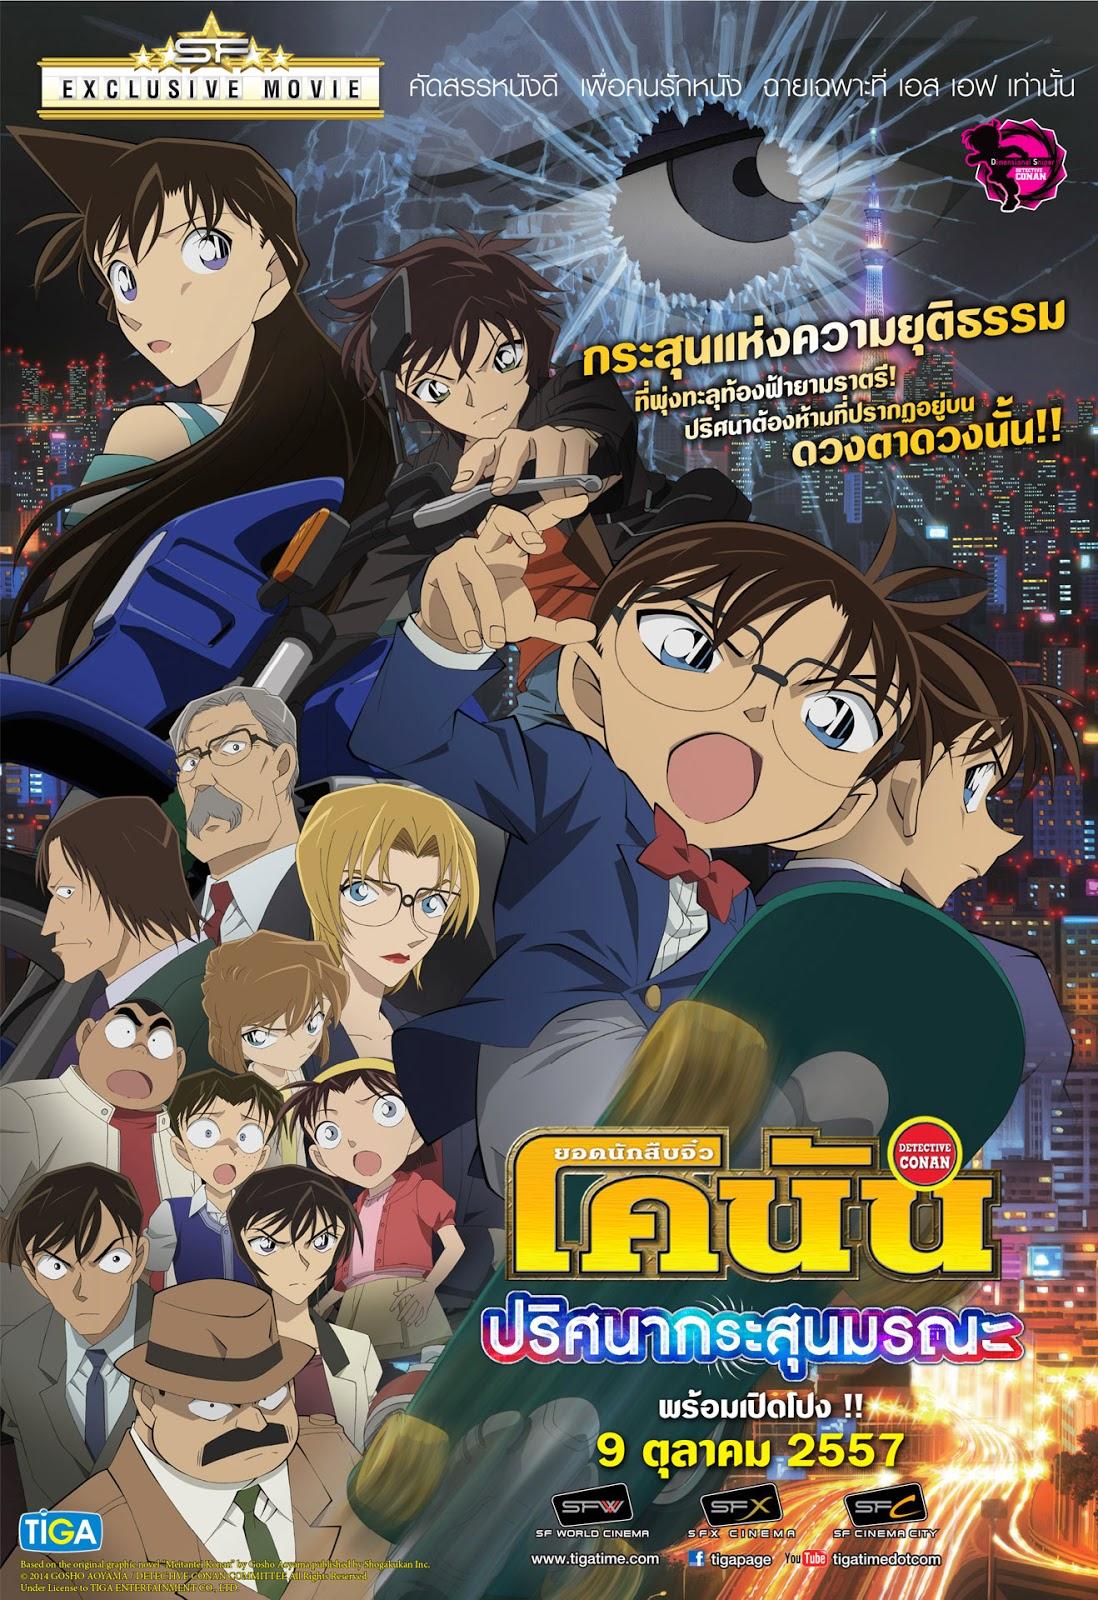 [ดูหนัง มาสเตอร์ ออนไลน์] Detective Conan Movie 18 ปริศนากระสุนมรณะ [พากย์ไทย]